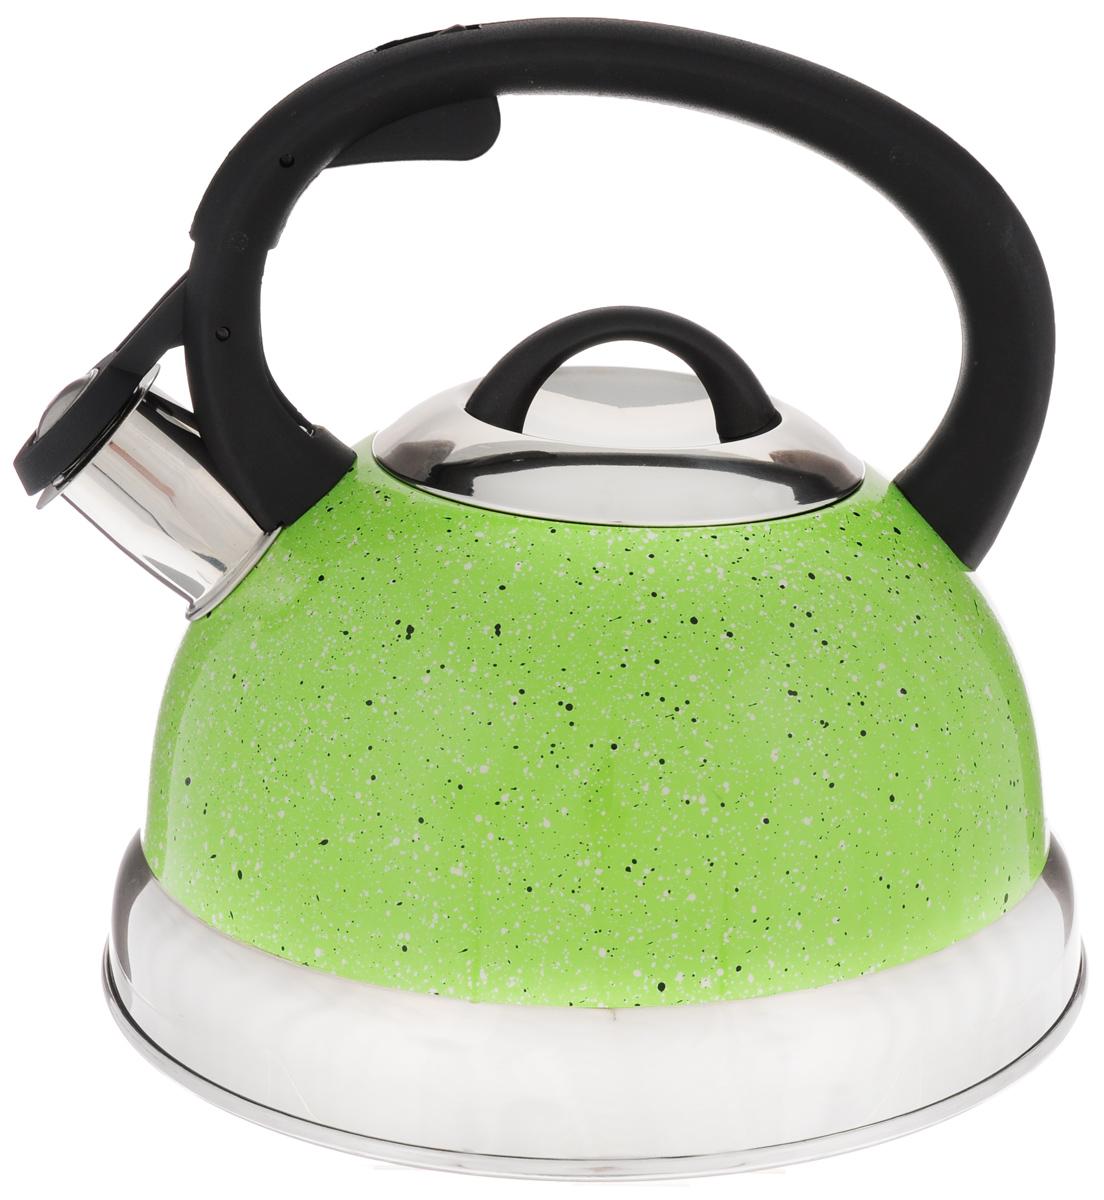 Чайник Mayer & Boch, со свистком, цвет: салатовый, 2,6 л. 2566325663Чайник со свистком Mayer & Boch изготовлен из высококачественной нержавеющей стали, что обеспечивает долговечность использования. Носик чайника оснащен откидным свистком, звуковой сигнал которого подскажет, когда закипит вода. Фиксированная ручка, изготовленная из пластика, снабжена клавишей для открывания носика, что делает использование чайника очень удобным и безопасным.Чайник Mayer & Boch - качественное исполнение и стильное решение для вашей кухни. Подходит для всех типов плит, включая индукционные. Можно мыть в посудомоечной машине. Высота чайника (с учетом ручки): 20,5 см.Диаметр чайника (по верхнему краю): 10 см.Диаметр основания: 21 см.